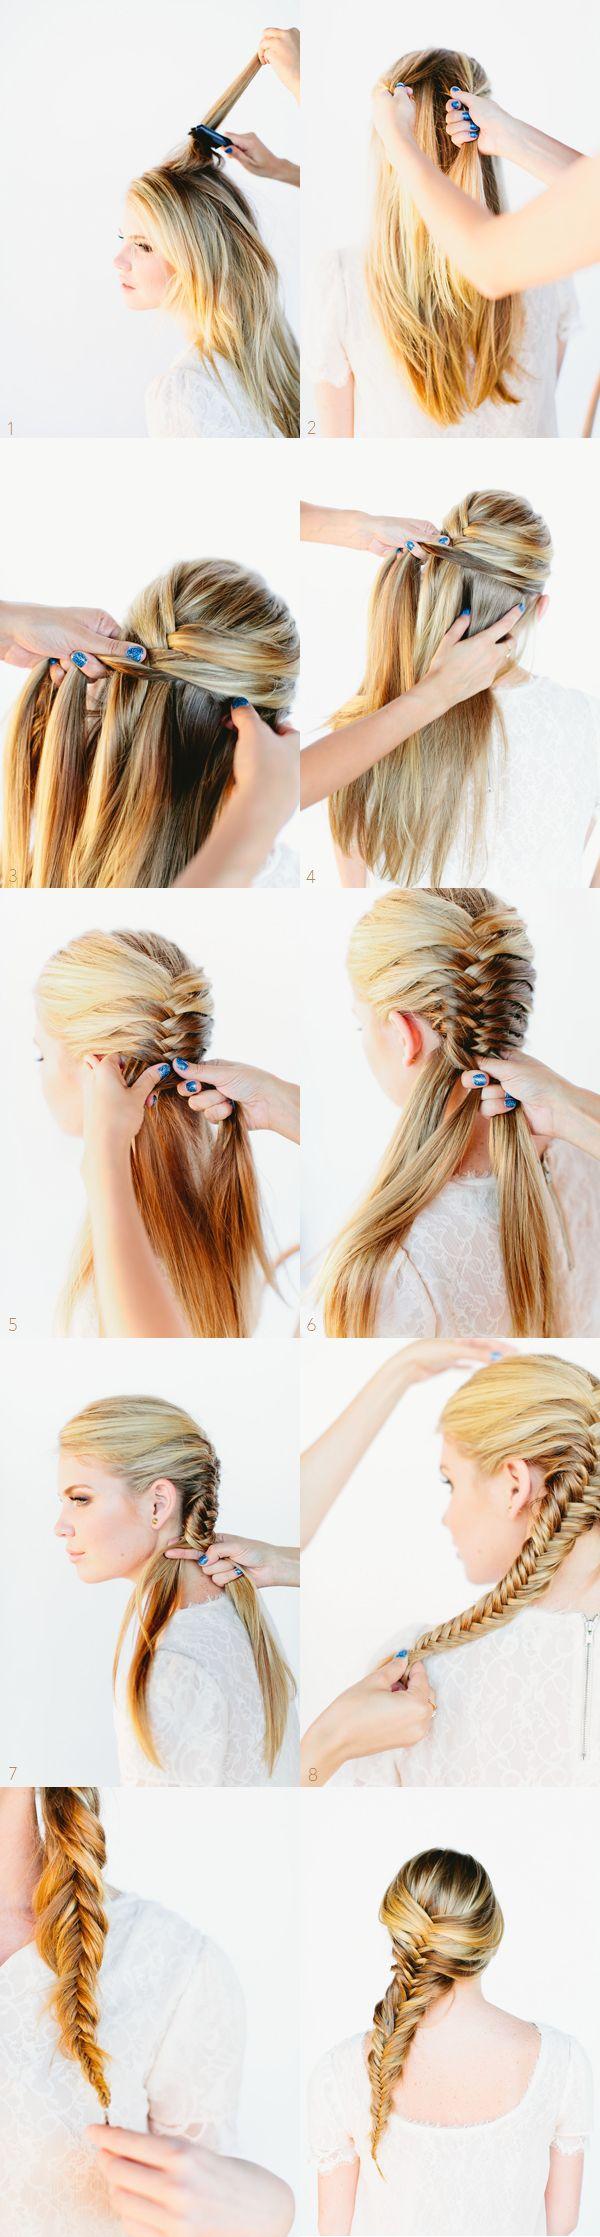 Плетіння кіс на довге волосся - запорука індивідуальності і успіху у чоловіків